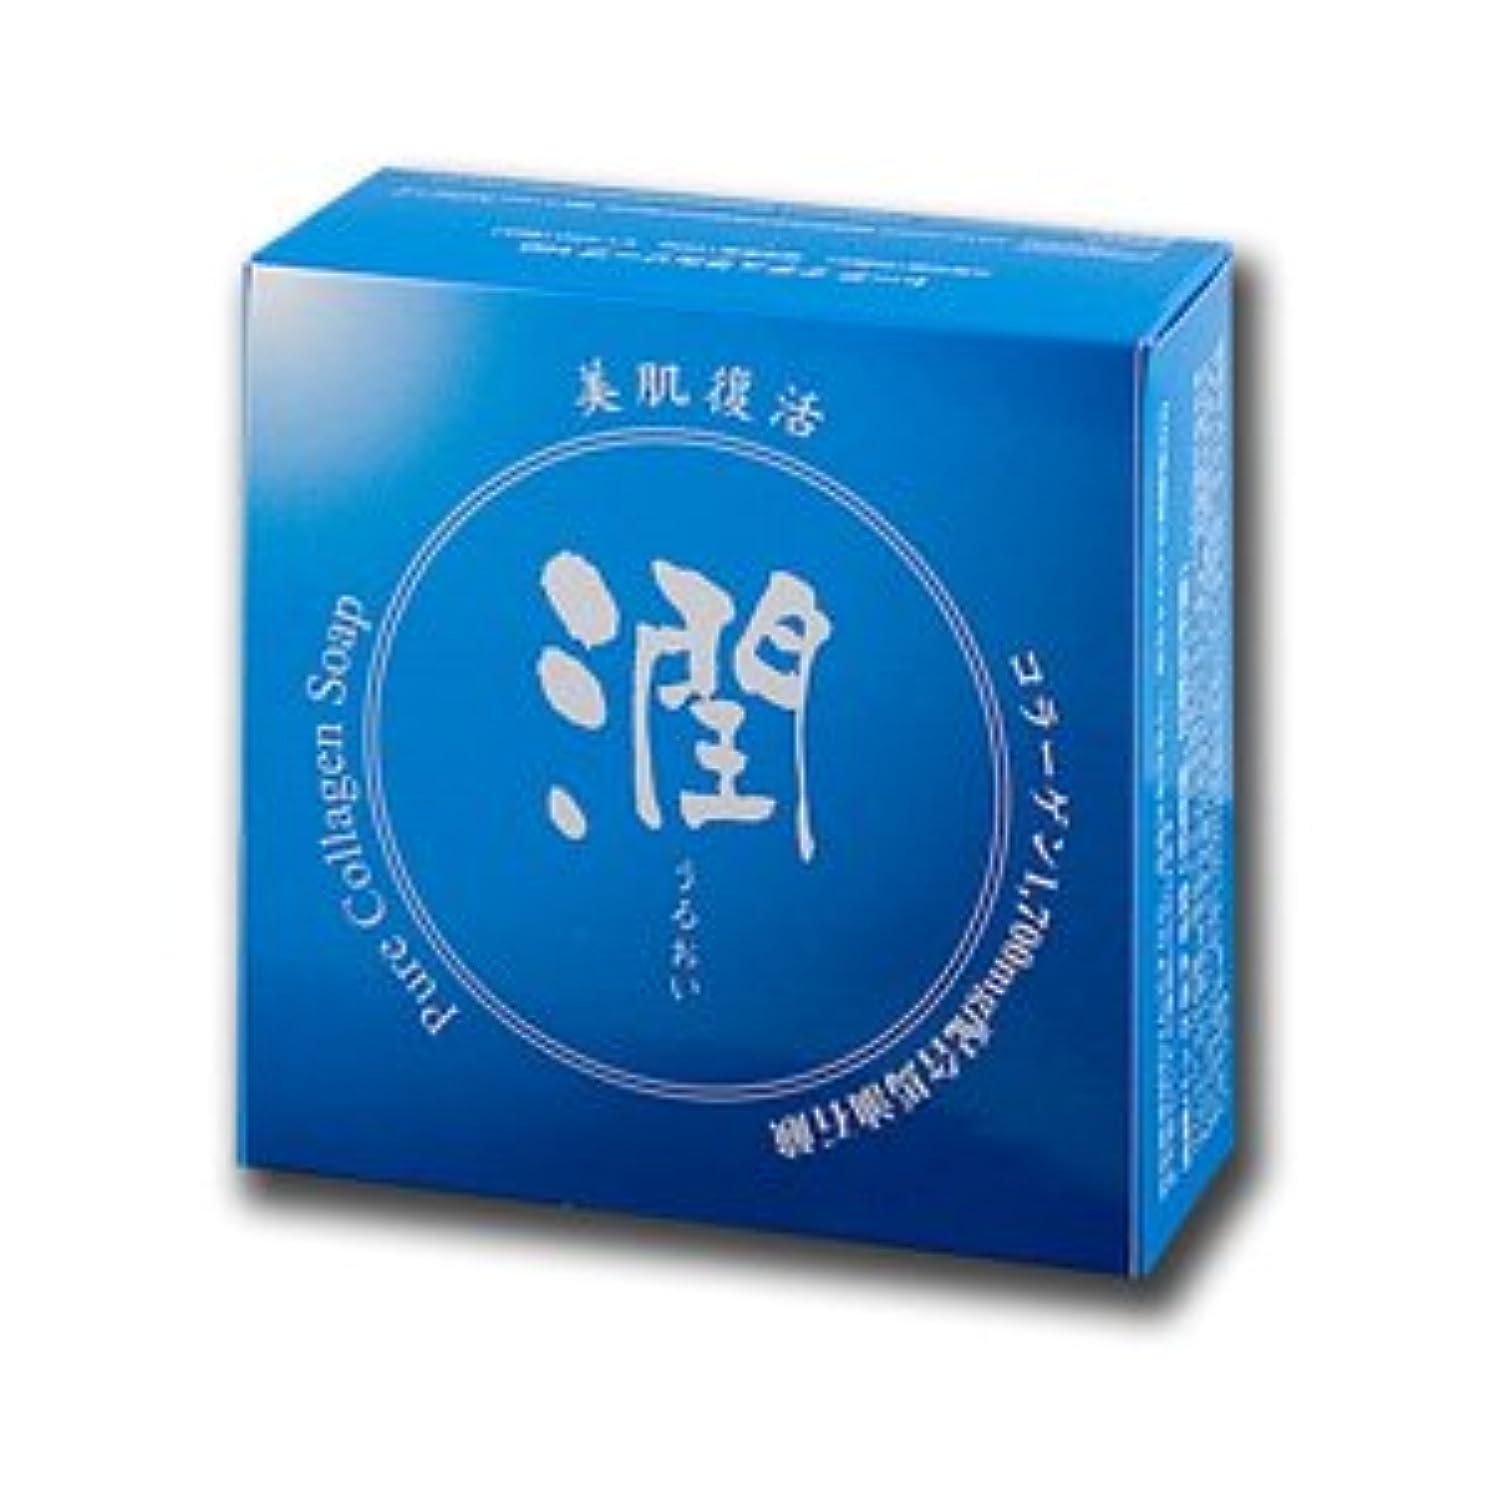 系譜自由見習いコラーゲン馬油石鹸 潤 100g (#800410) ×5個セット